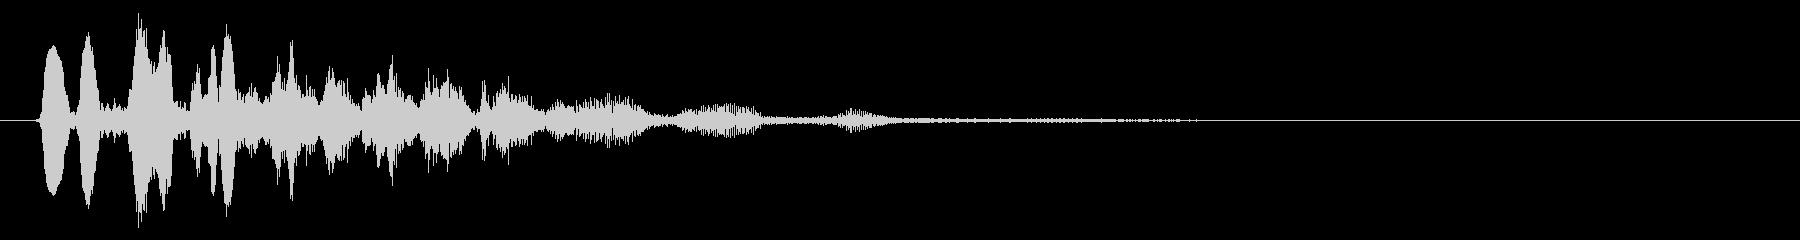 音楽効果;高音のきしむシンセサイザ...の未再生の波形